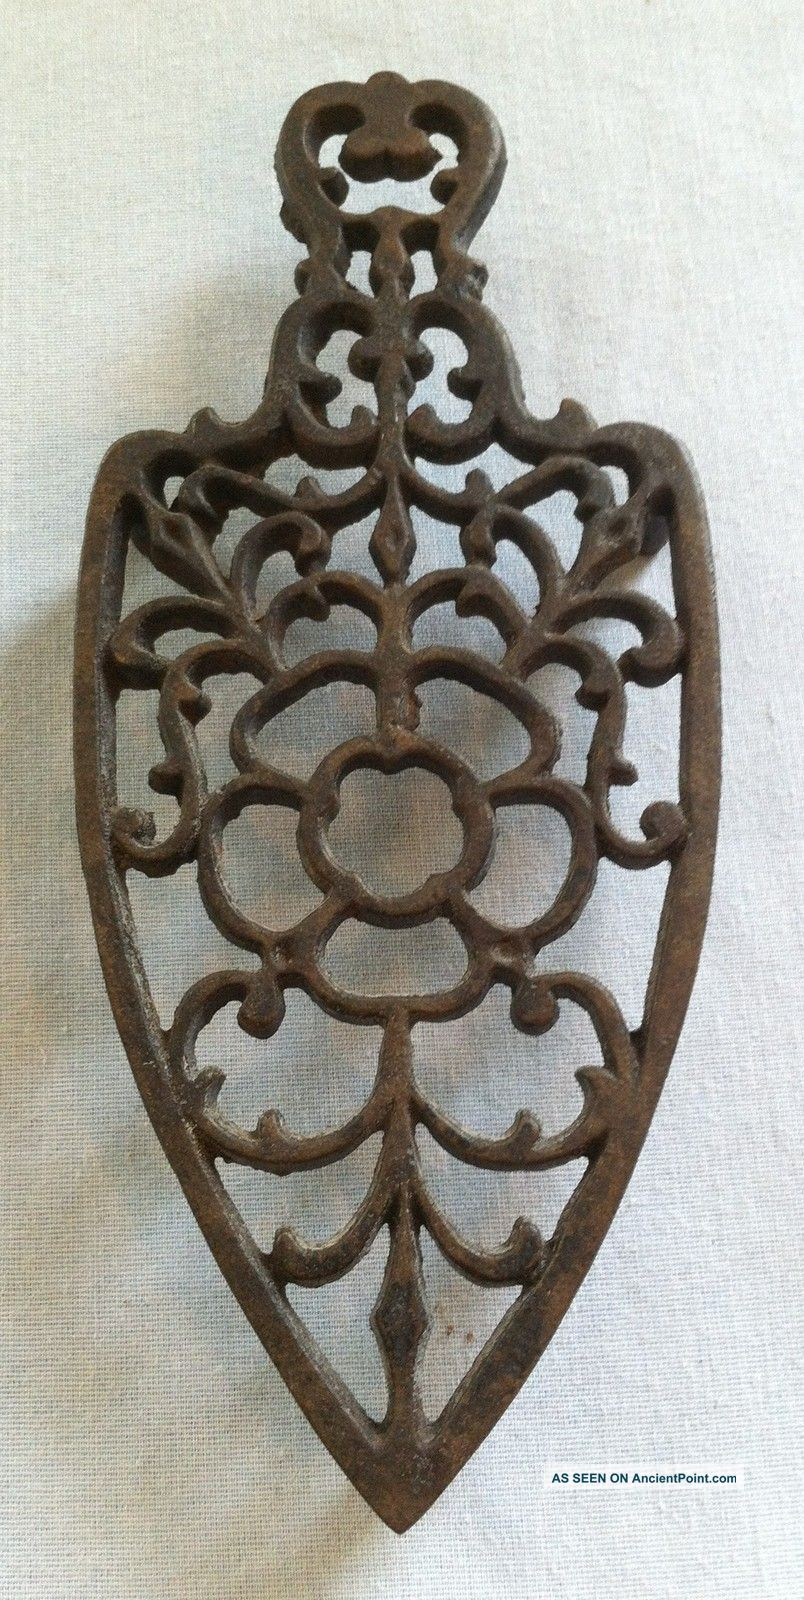 Vintage Wilton Cast Iron Trivet (sad Clothes Iron Shape Wire Flower Design) Trivets photo